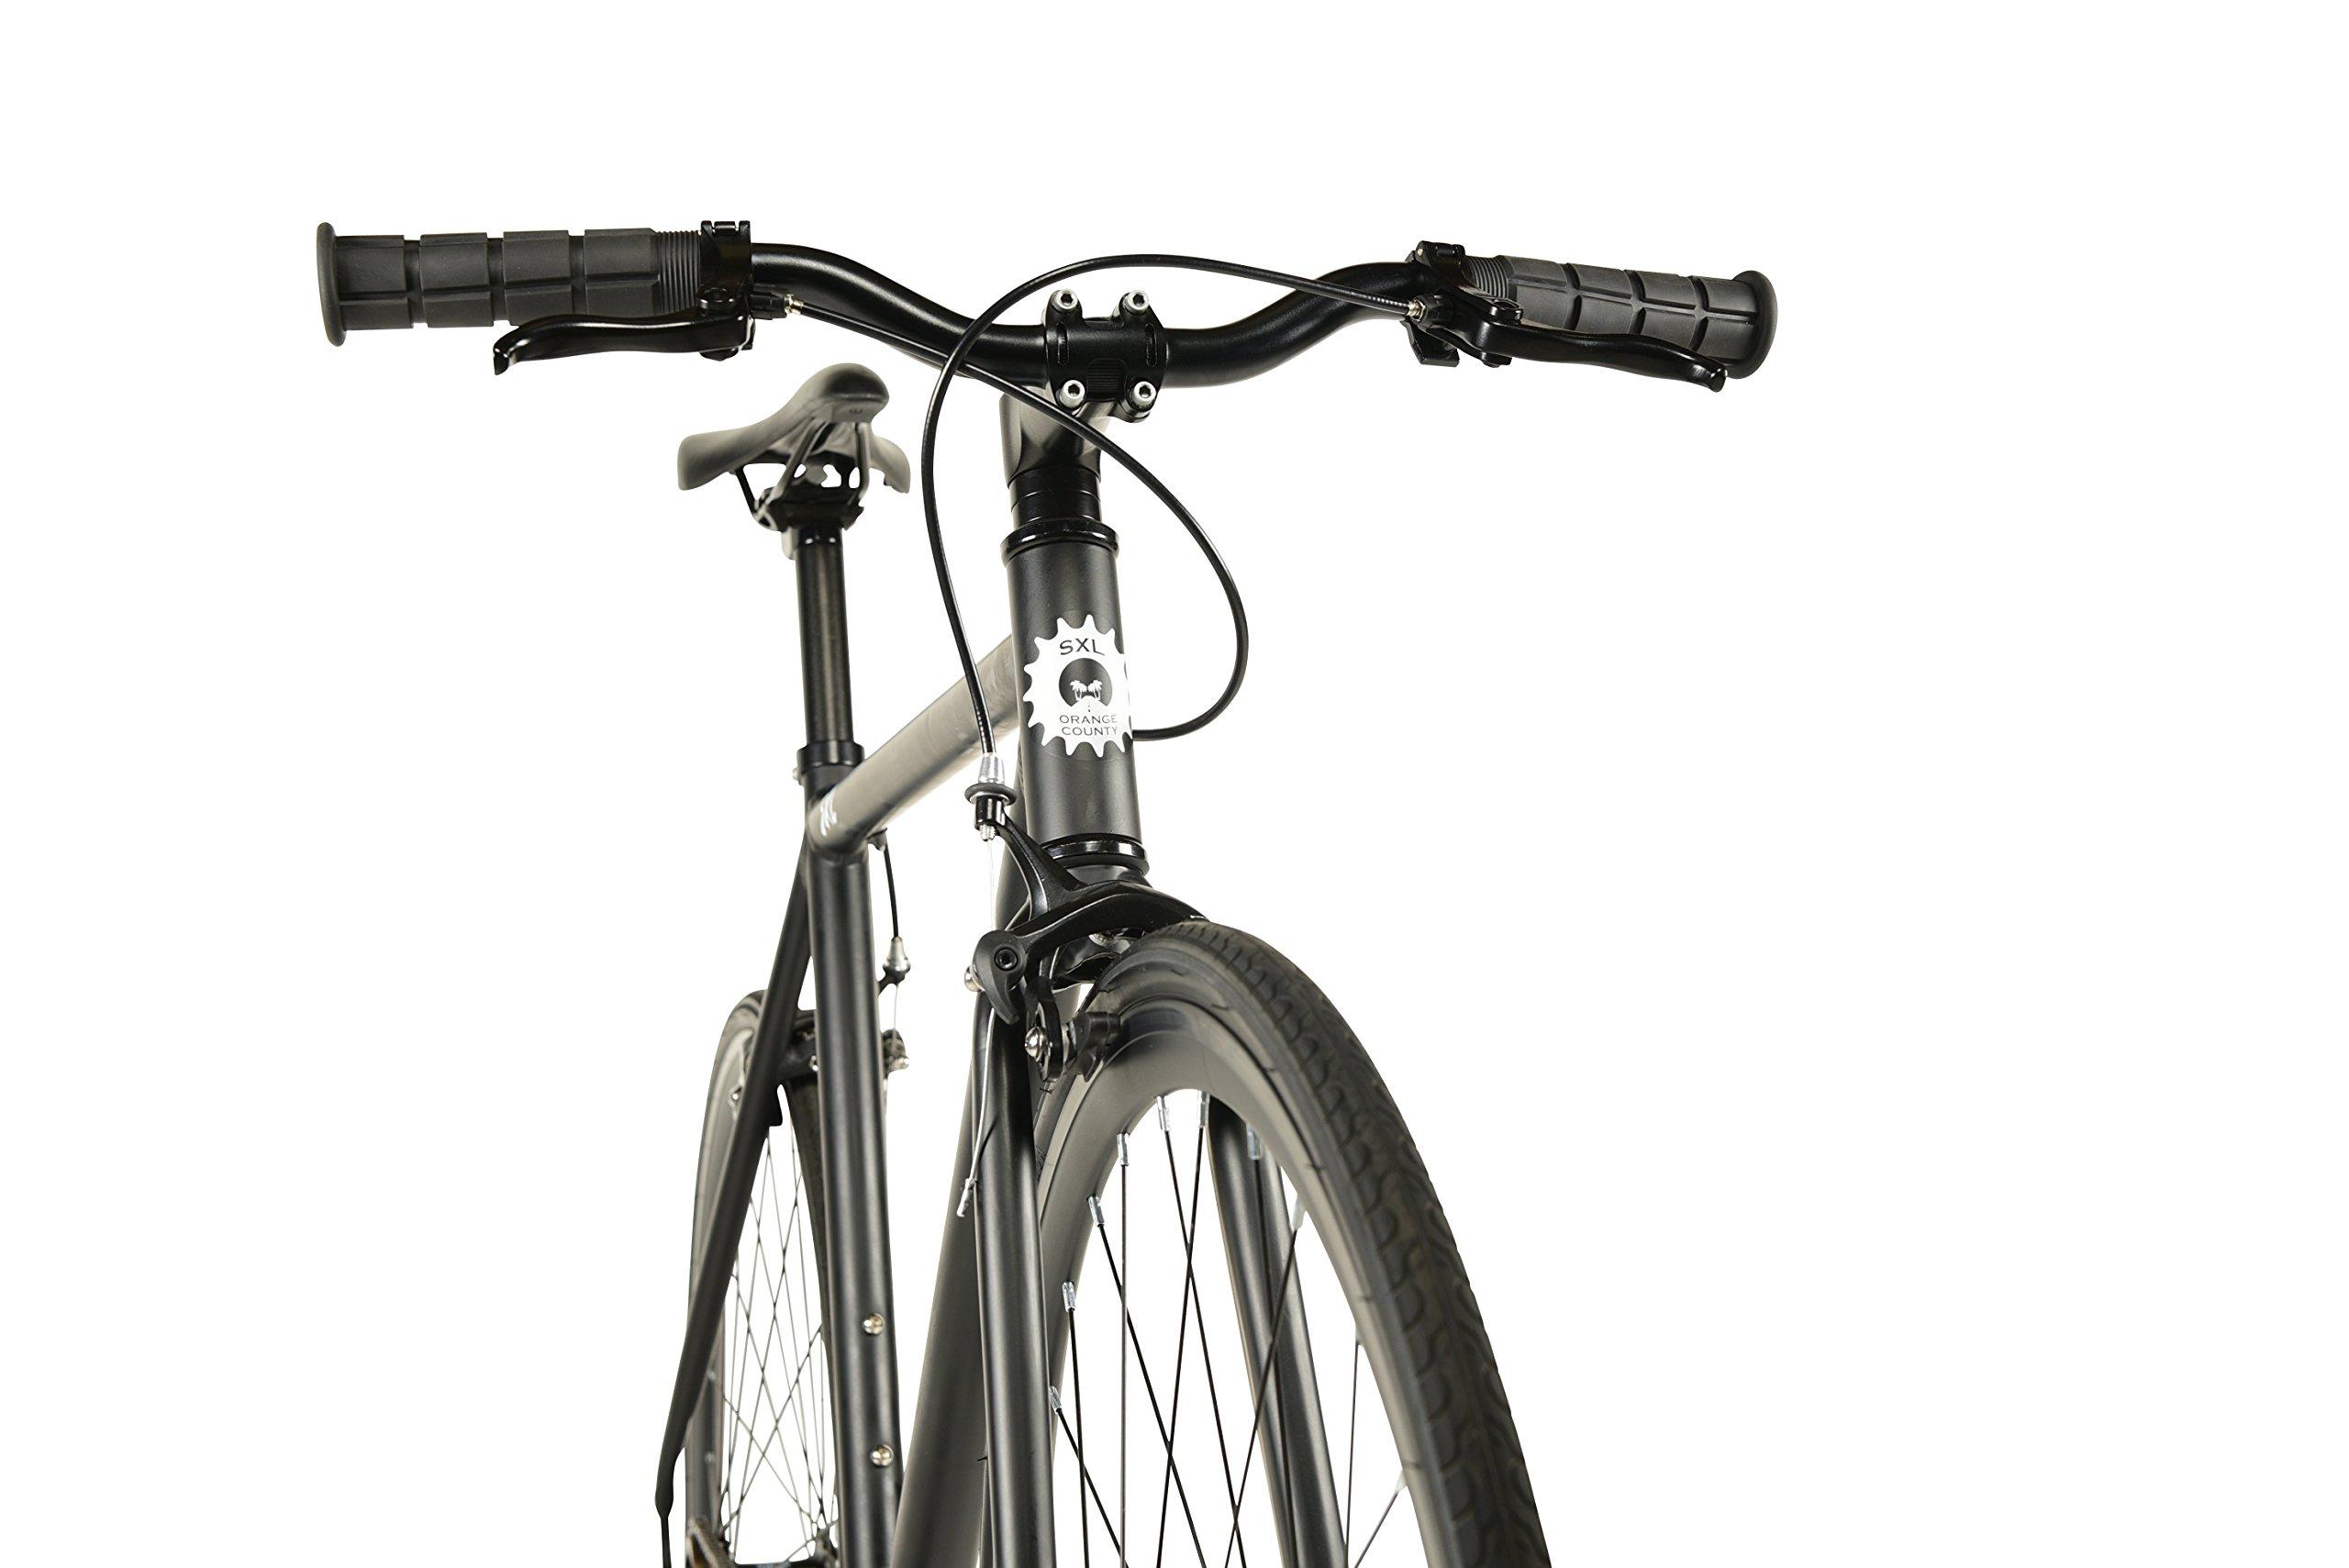 SXL Expressway Aluminum Urban Single Speed Fixie Bike